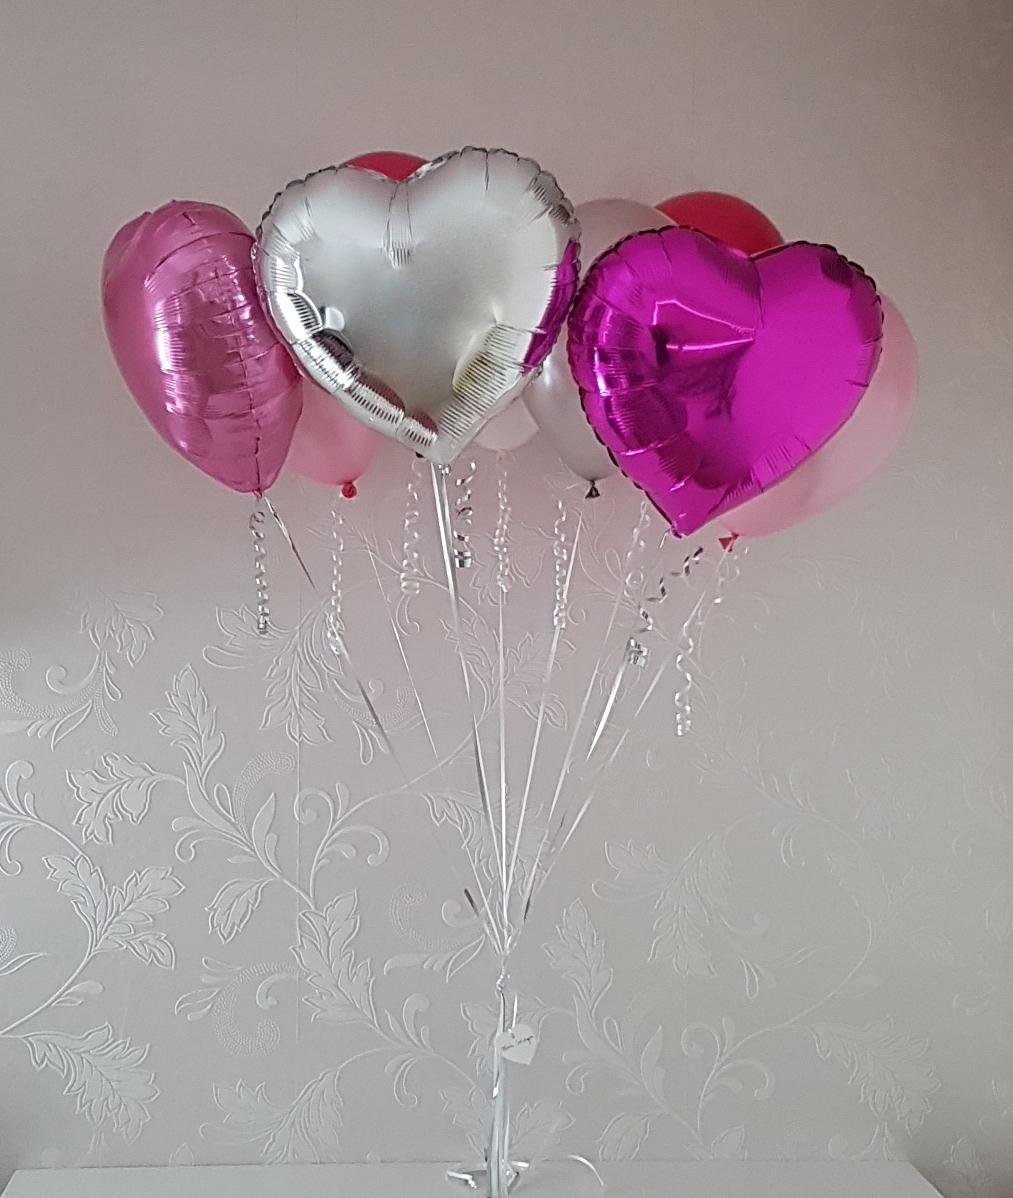 heliumballonnen1 16-4